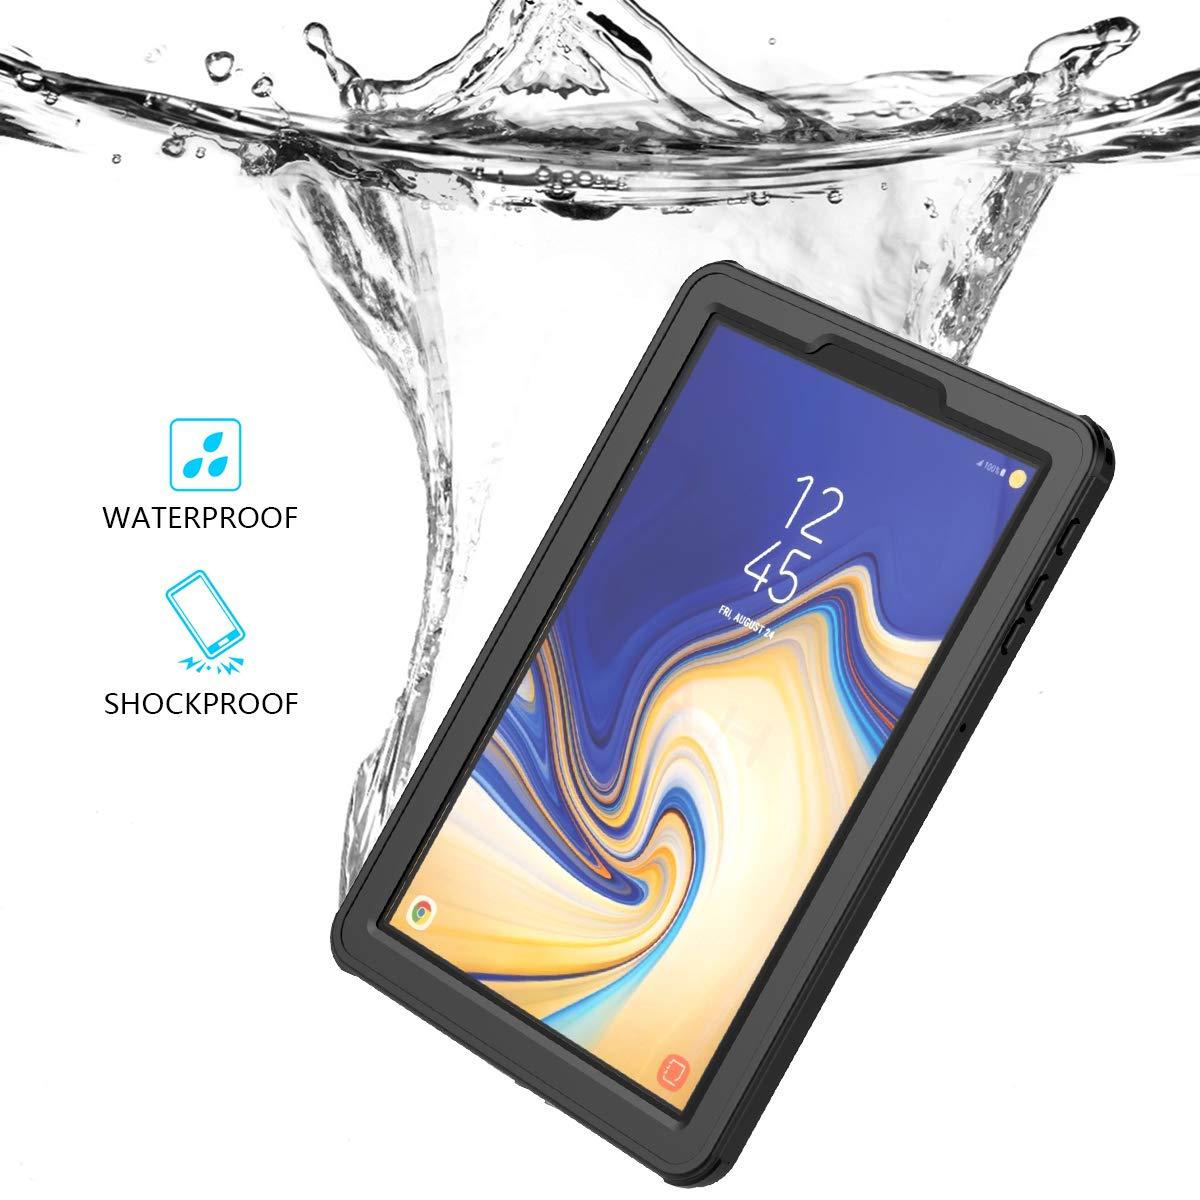 ふるさと納税 zukabmwus Samsung Samsung Galaxy Tab TPU S4 10.5インチ T830 B07N6ZSN56 T835 防水ケース Samsung Galaxy Tab S4 10.5インチ T830 T835 耐ショック防塵カバー TPU + PC 保護ディフェンダーカバーケースバック B07N6ZSN56, 品質が完璧:69d7c07e --- senas.4x4.lt